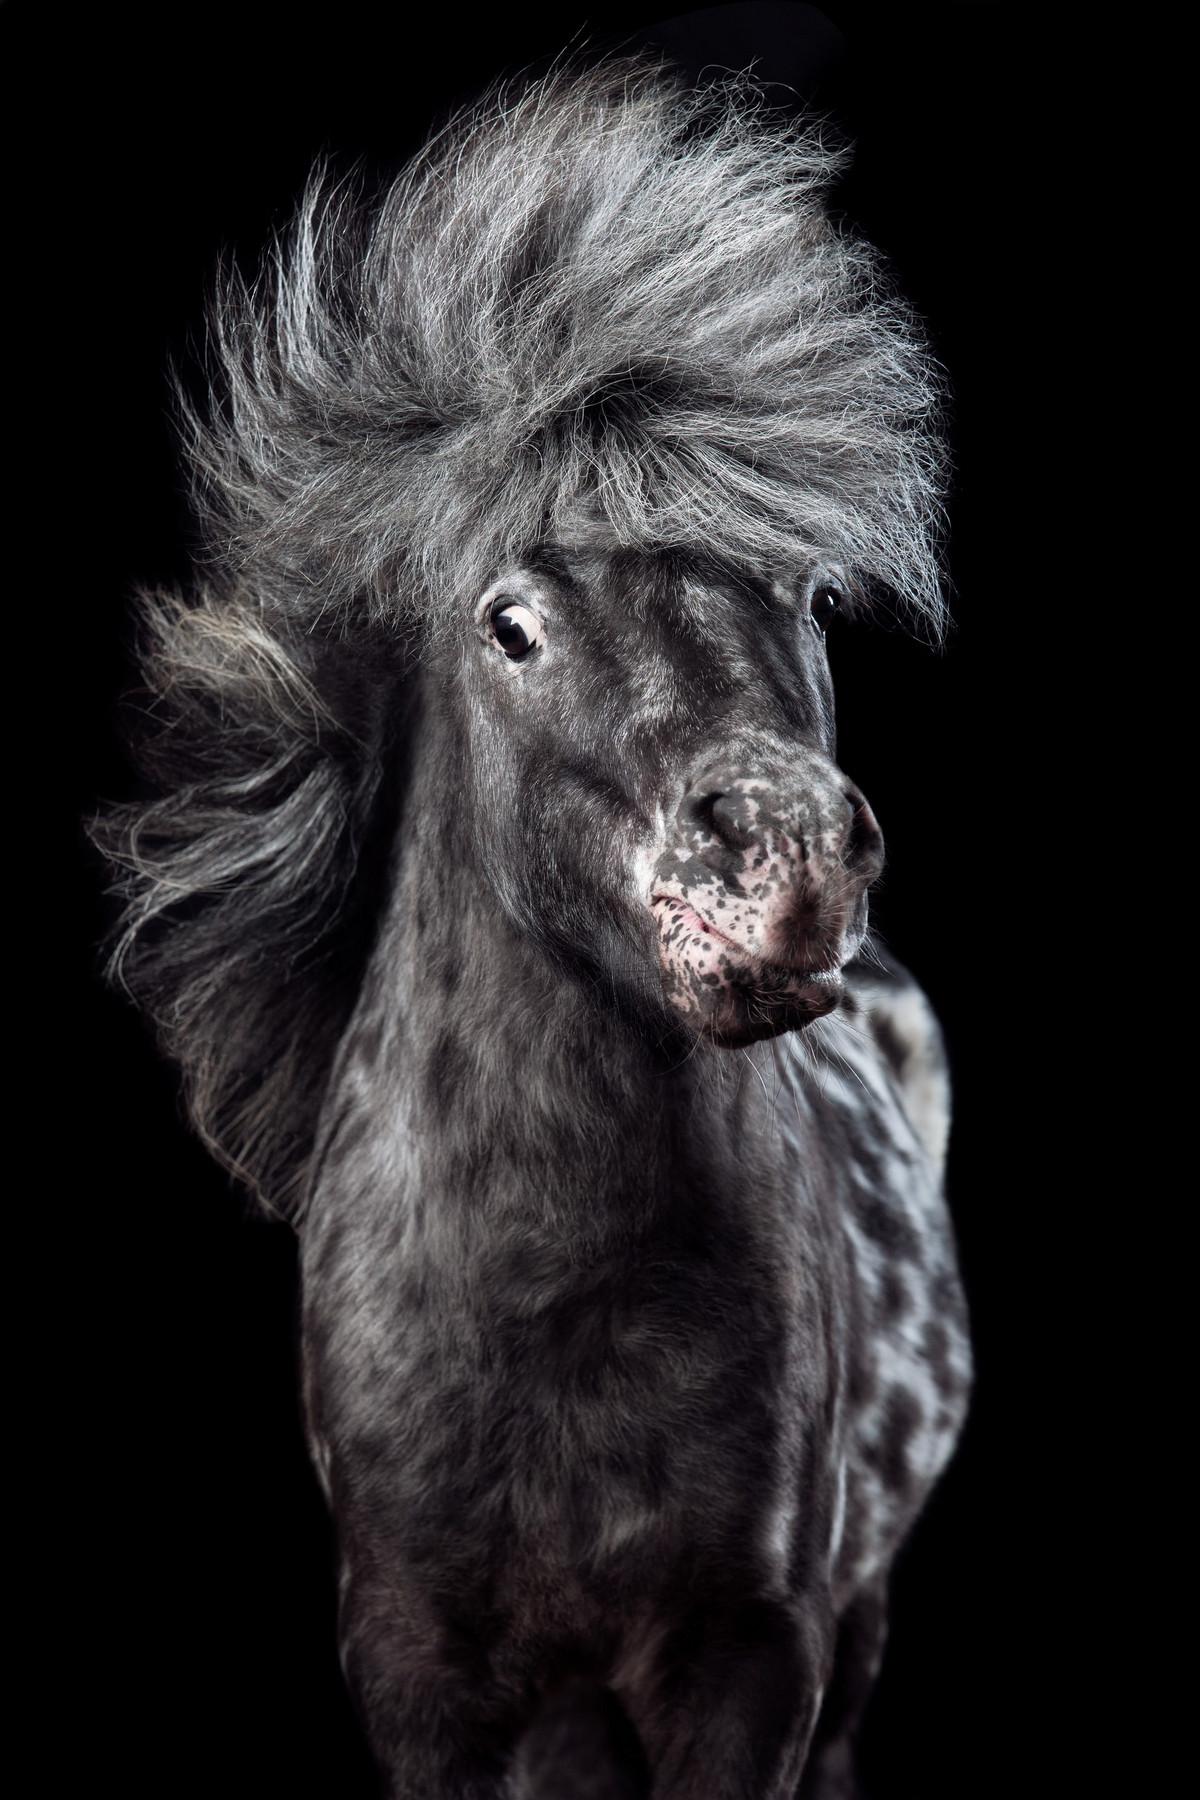 Притягательные гривы в фотографиях Вибке Хаас. Лошади, взмахивающие волосами 7